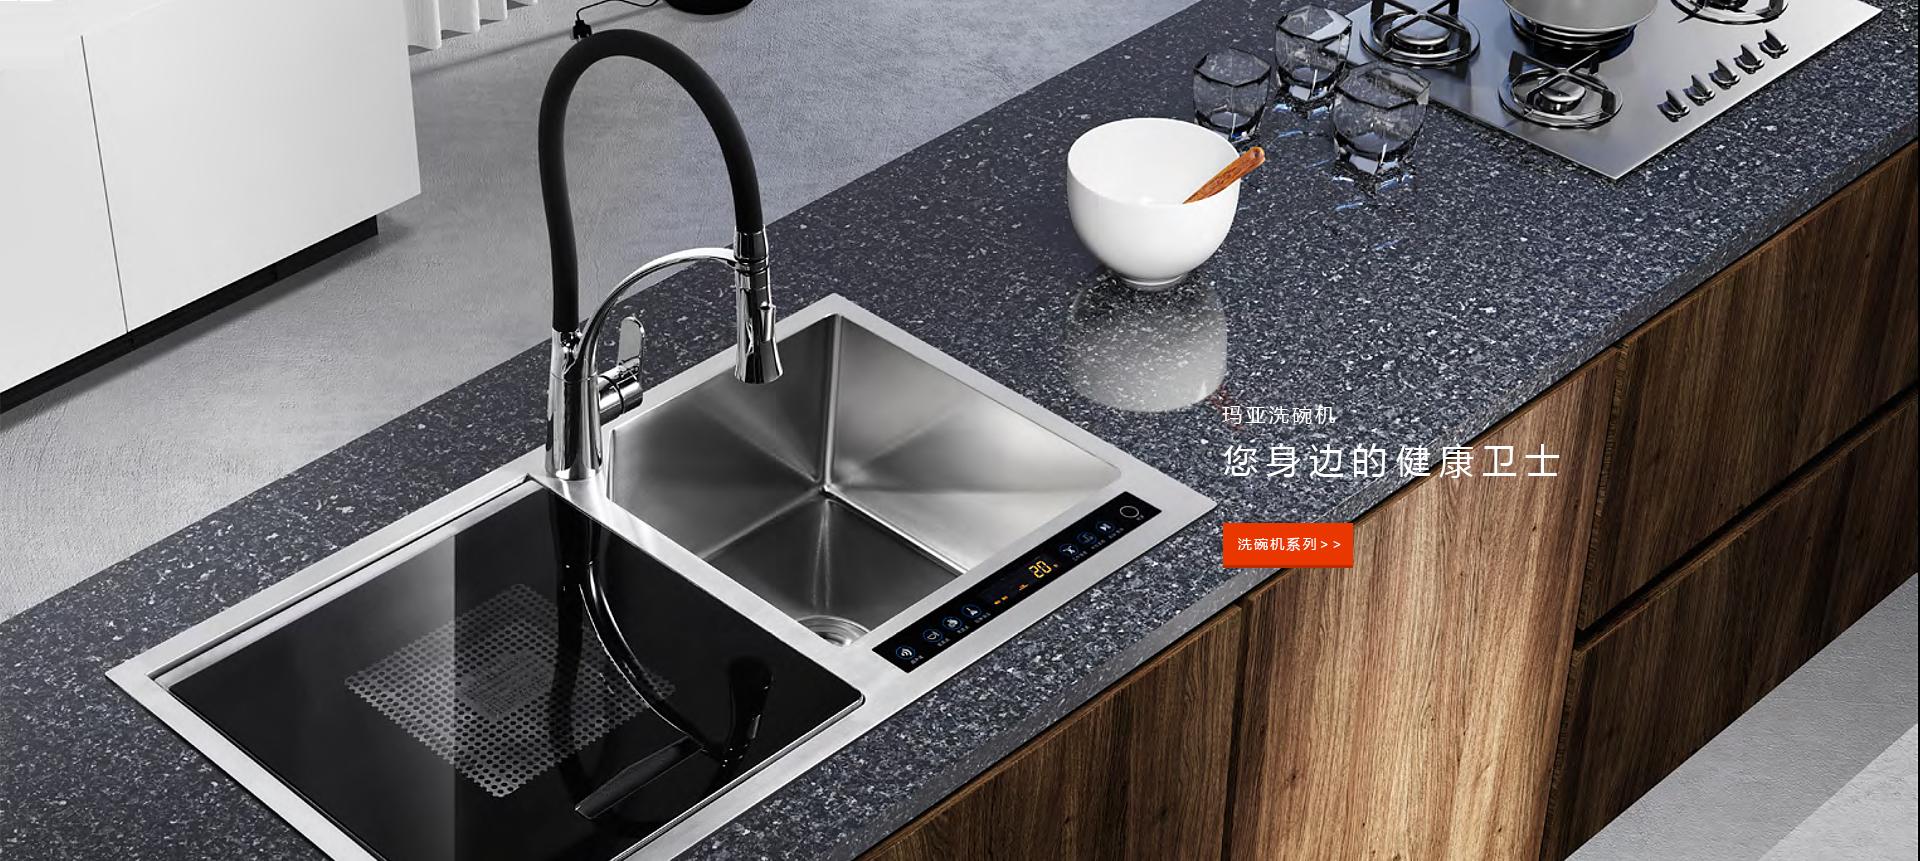 智能不锈钢水槽